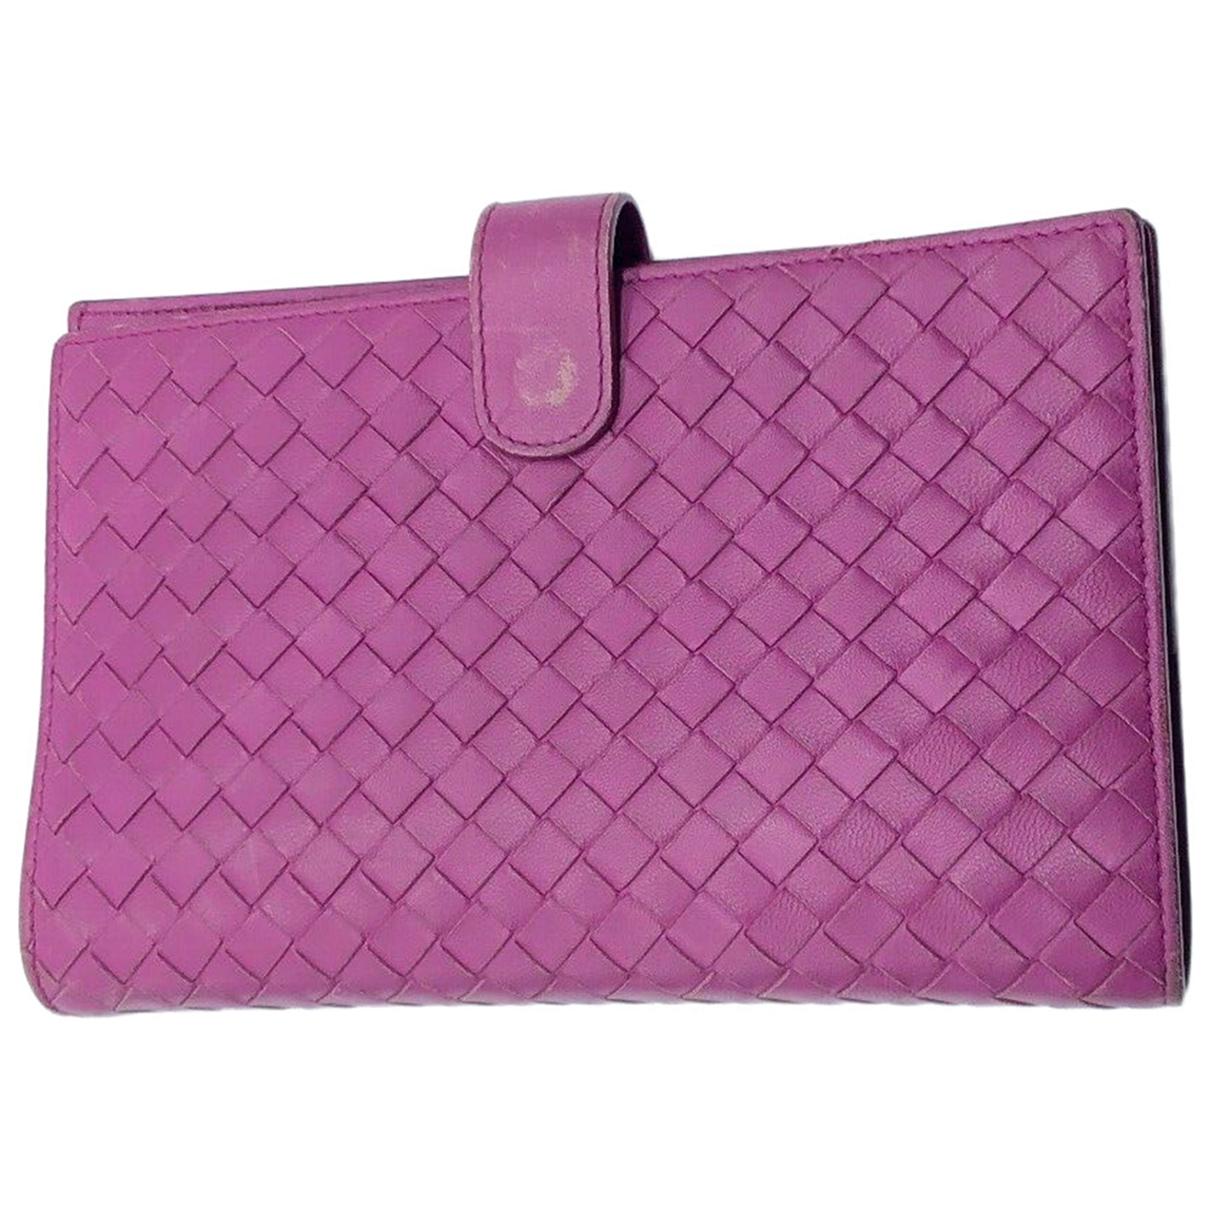 Bottega Veneta - Objets & Deco   pour lifestyle en cuir - violet